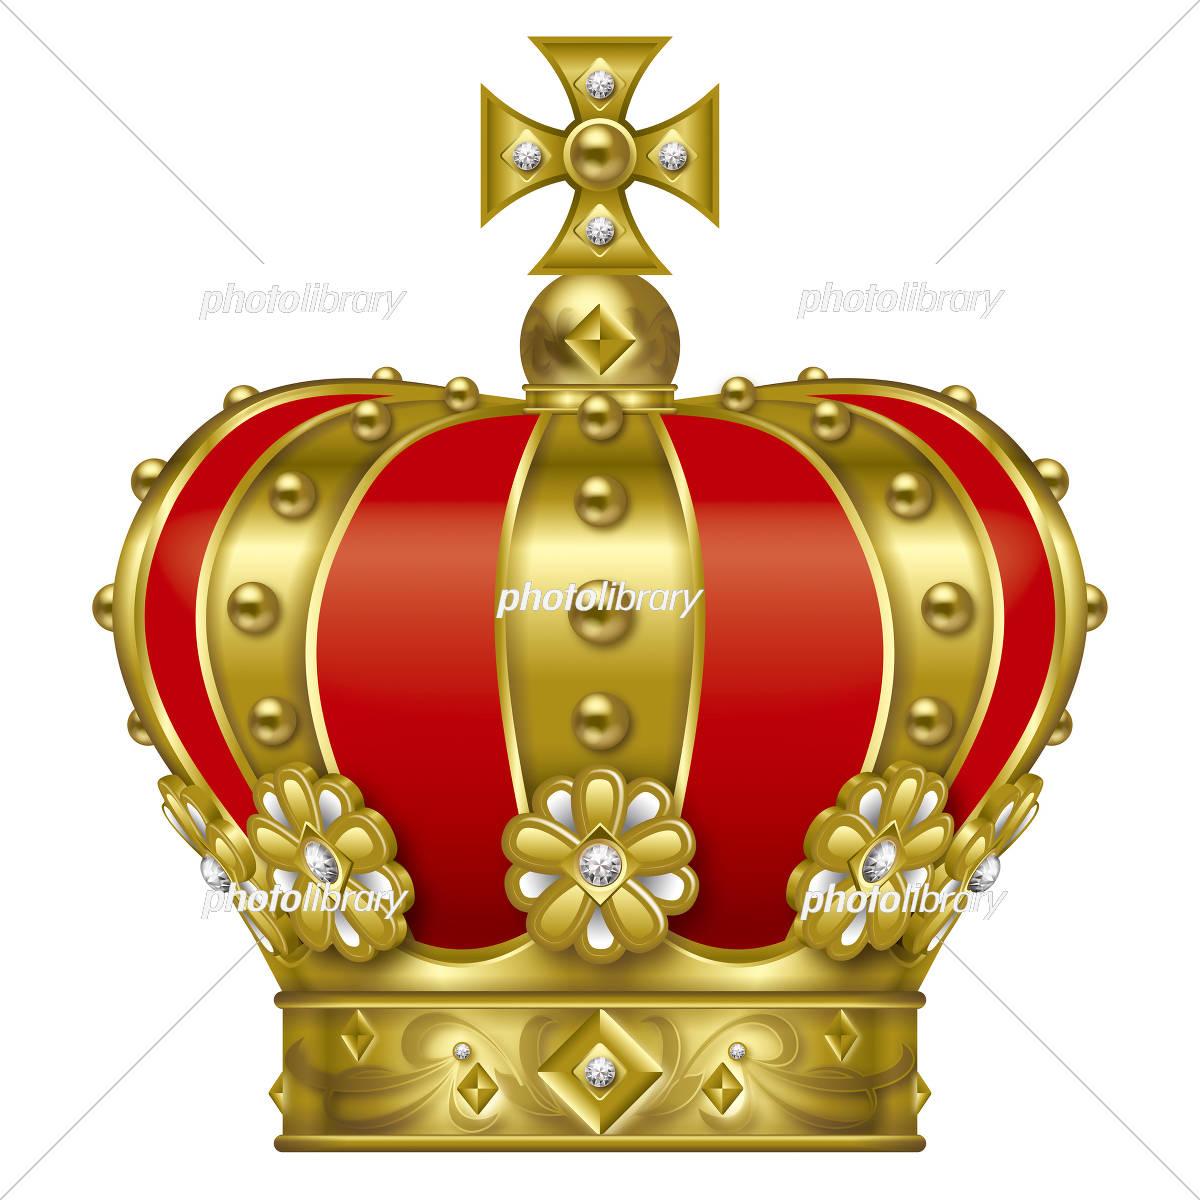 王冠のイラスト ゴールド イラスト素材 5196287 フォトライブ